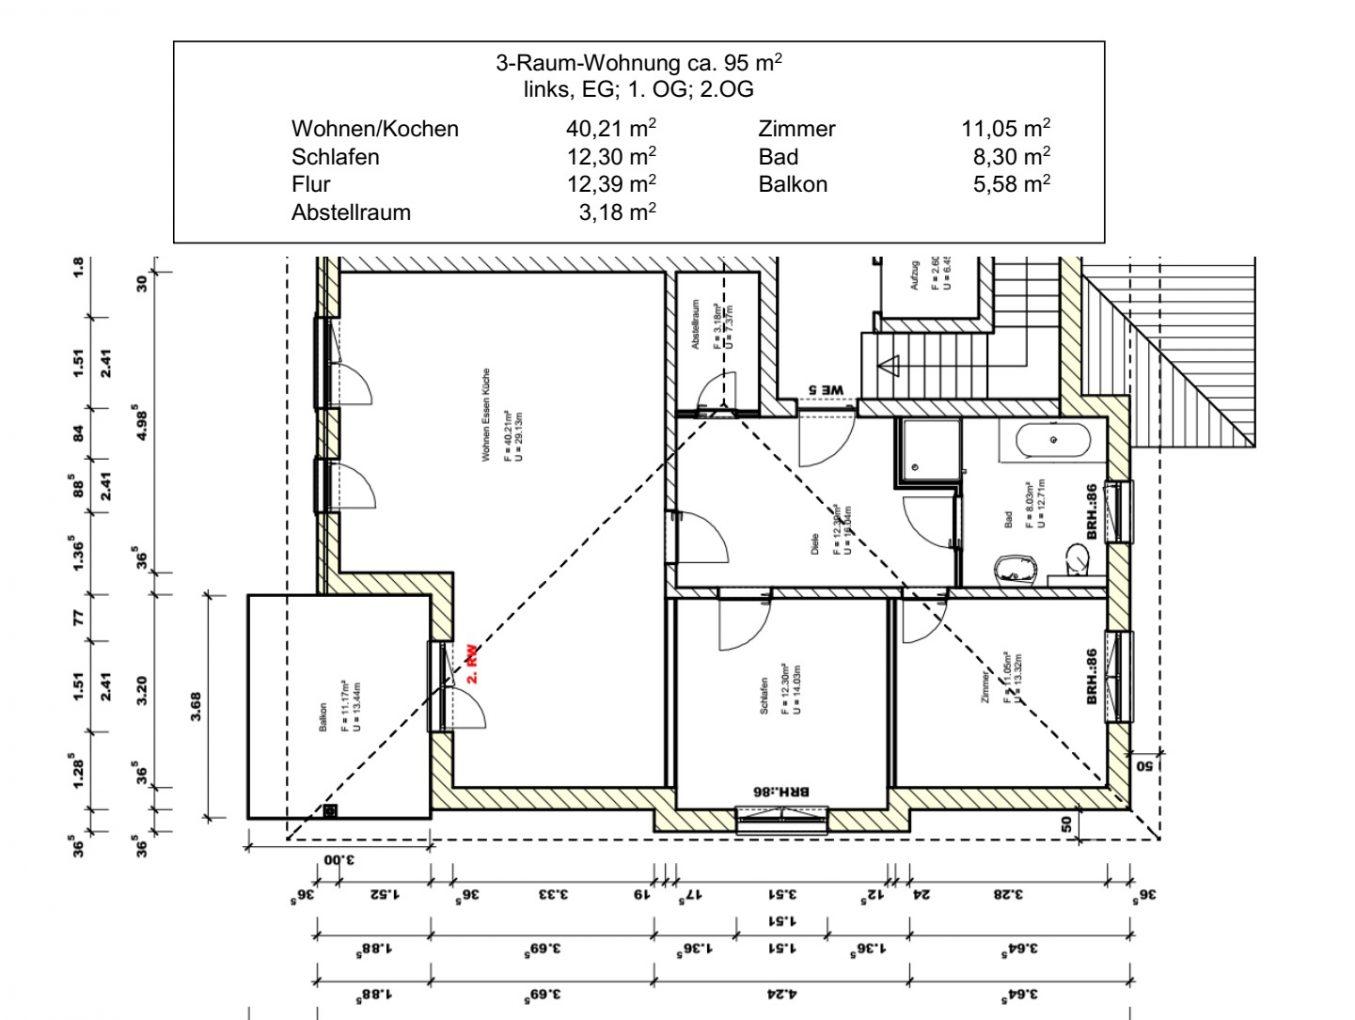 Expose 3- Raum Wohnung Eigentumswohnung in der Cottbuser Ackerstrasse – Wohnen auf 90m² im GRÜNEN